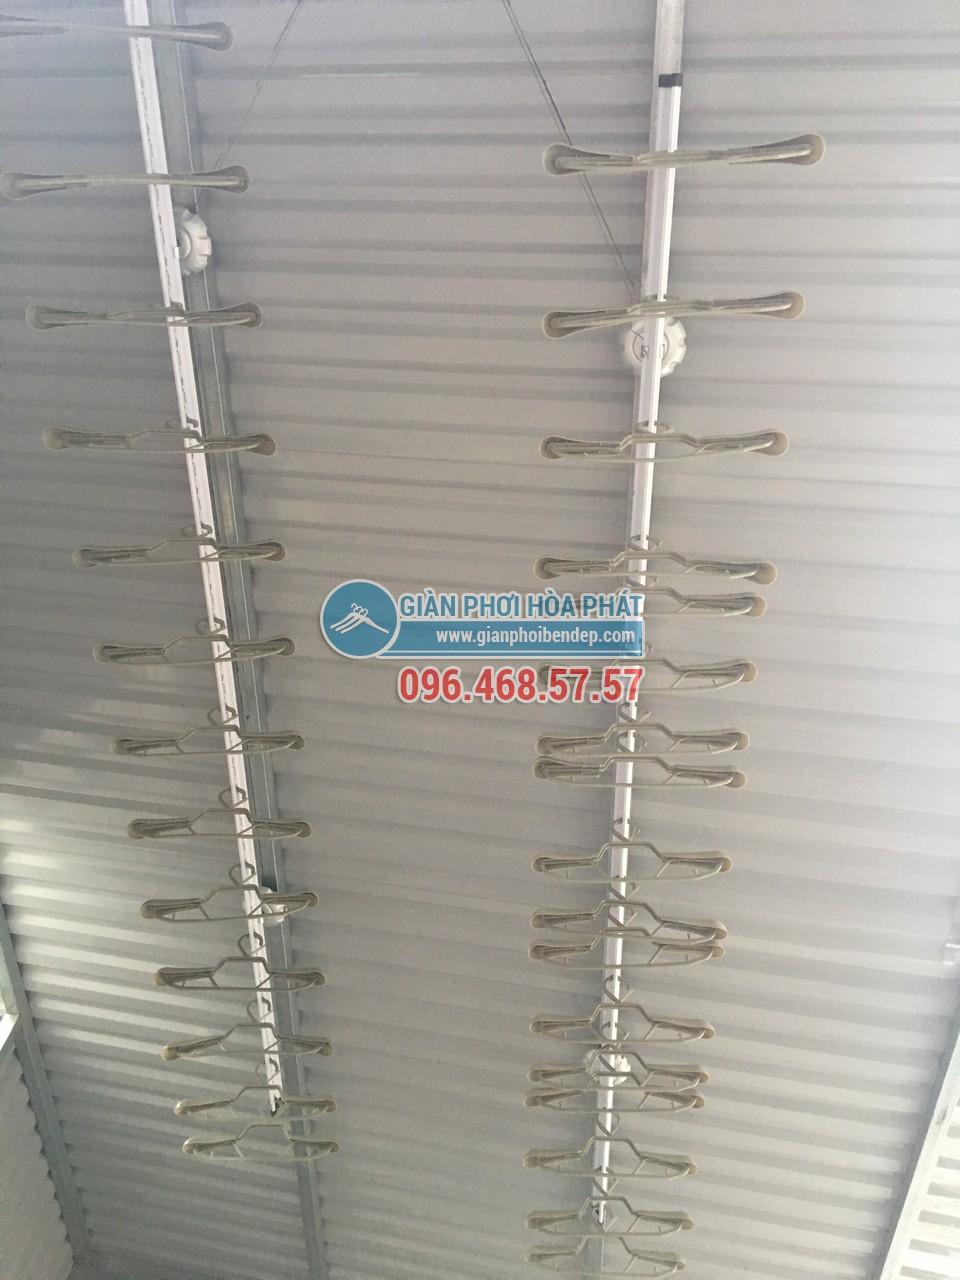 Lắp giàn phơi thông minh cho sân phơi bằng mái tôn nhà anh Chiến, Nguyễn Ngọc Nại - 02